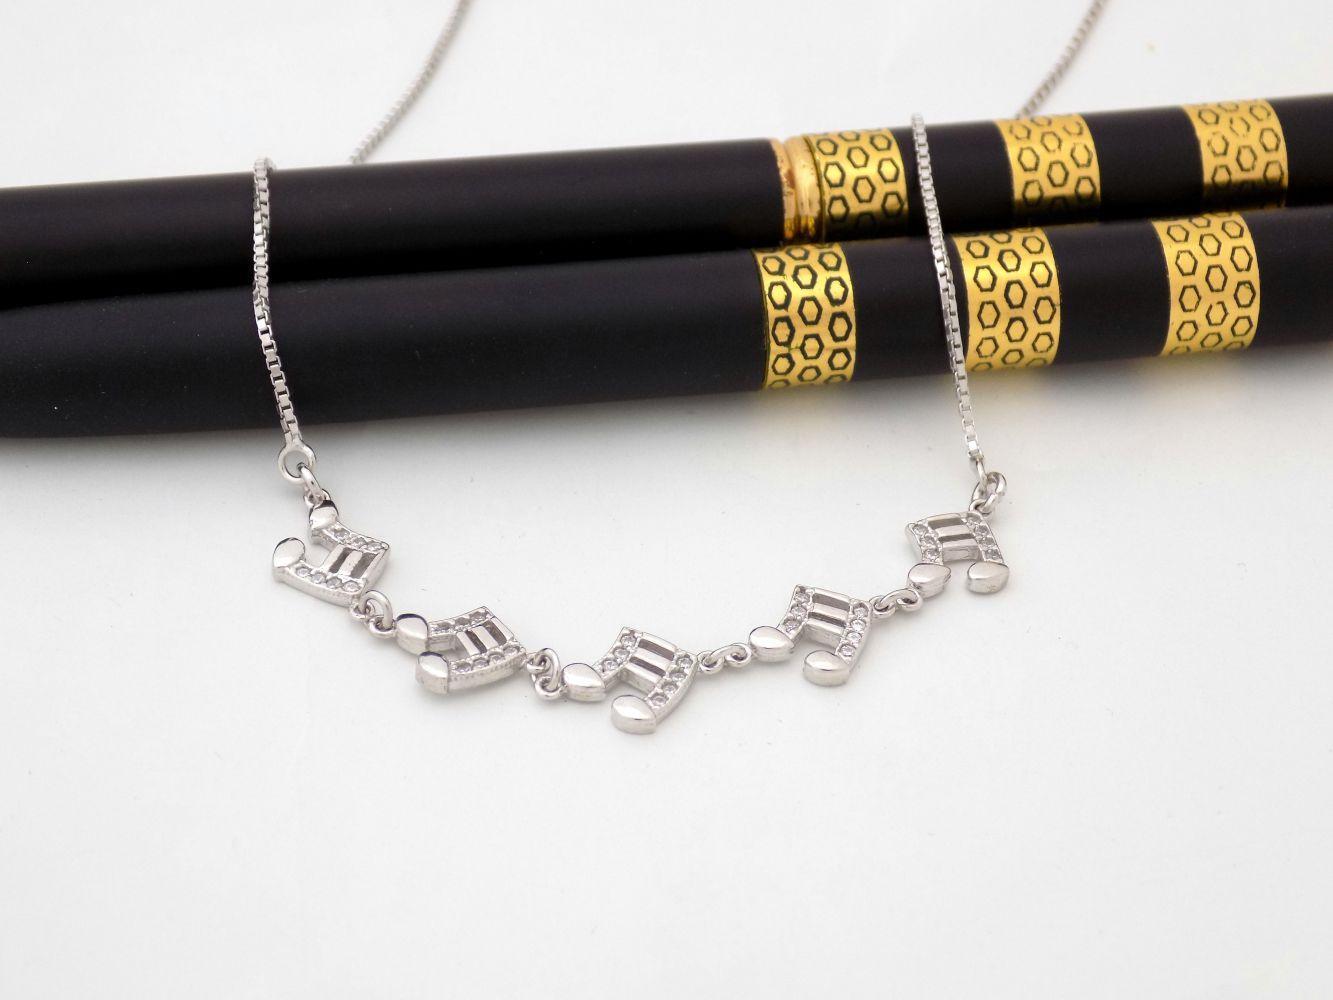 گردنبند نقره دخترانه طرح نت موسیقی با نگین برلیان اتمی nw-n246 از نمای بالا